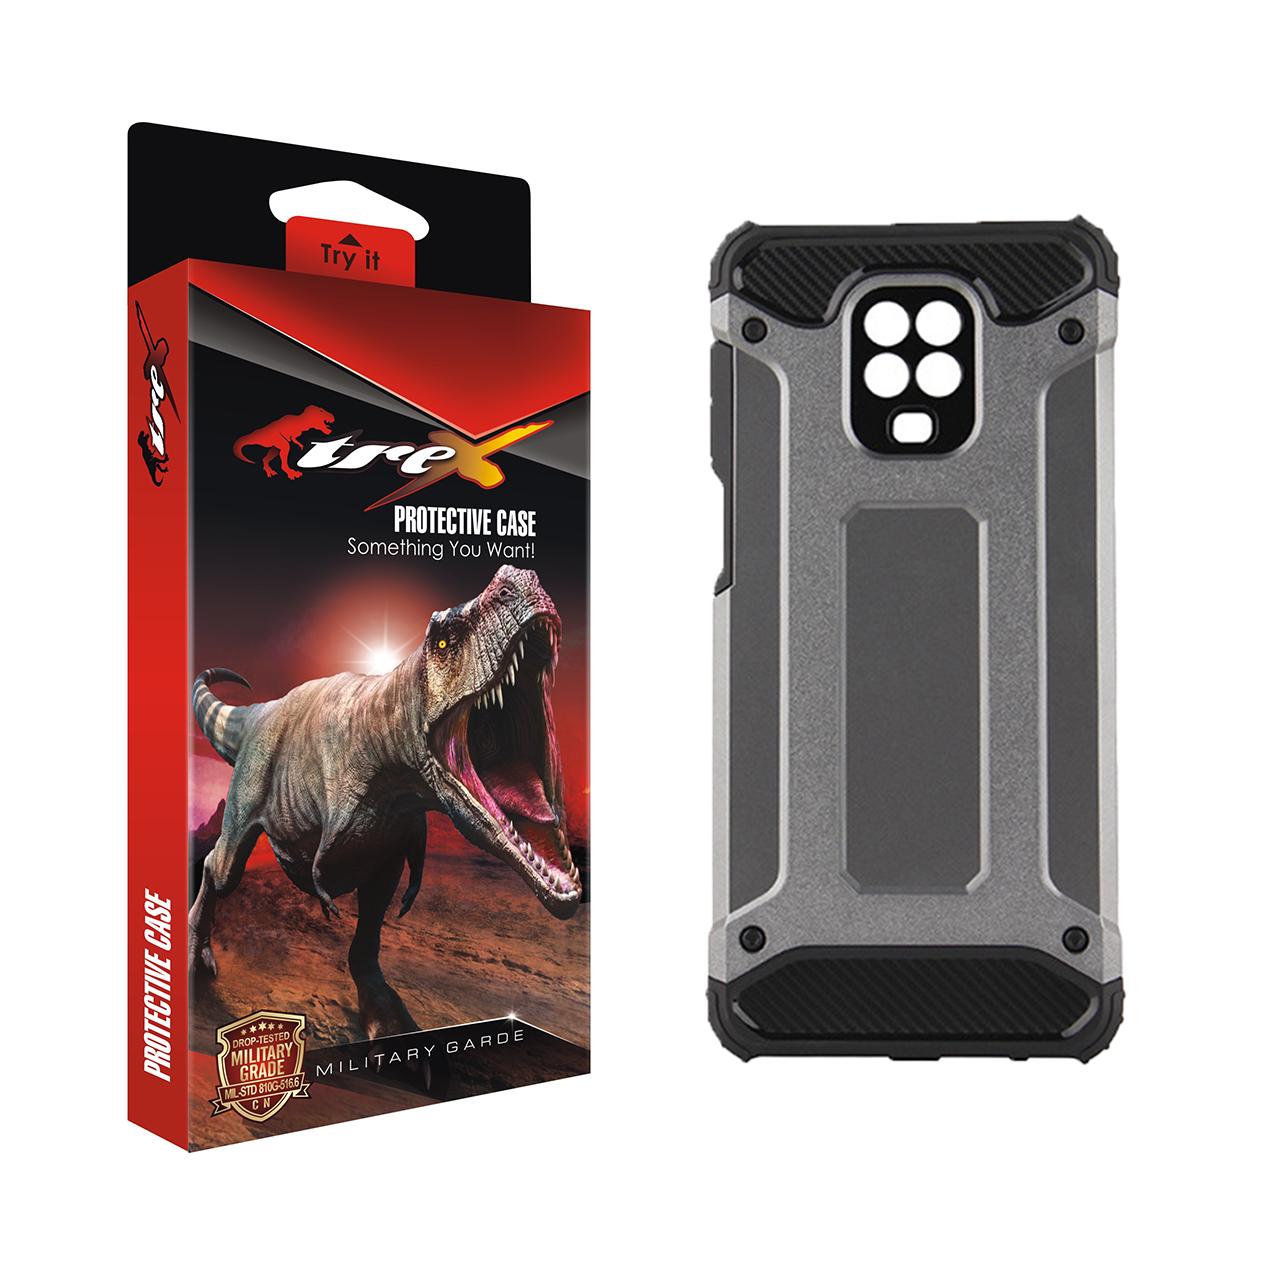 کاور تی رکس مدل ARMOR 001 مناسب برای گوشی موبایل شیائومی Redmi Note 9S / Redmi Note 9 Pro / Redmi Note 9 Pro Max              ( قیمت و خرید)